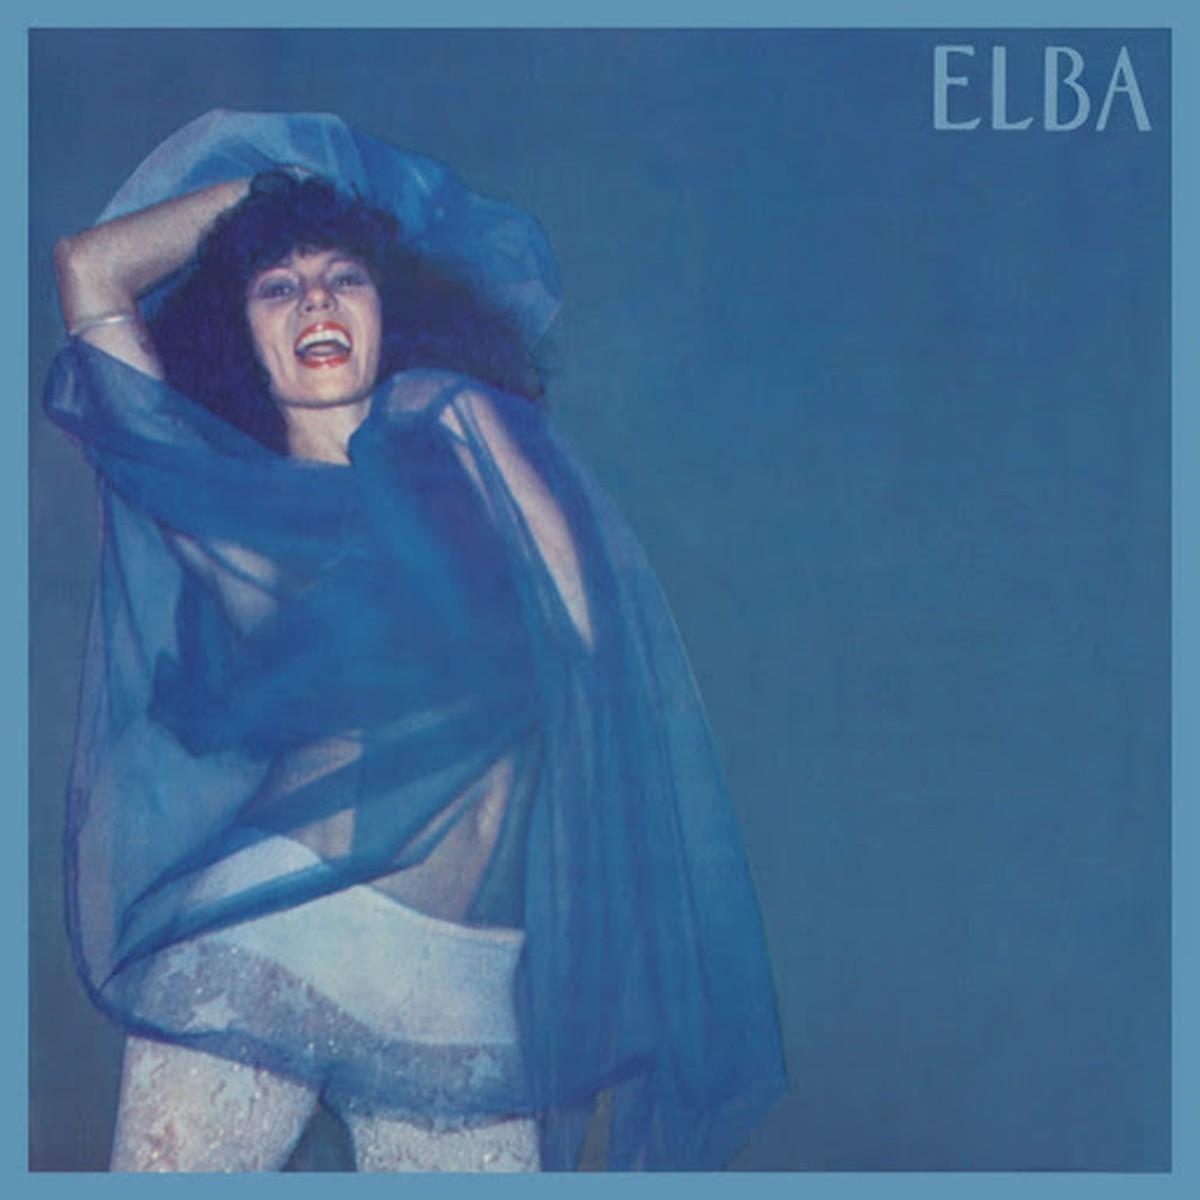 Discos para descobrir em casa – 'Elba', Elba Ramalho, 1981 | Blog do Mauro Ferreira